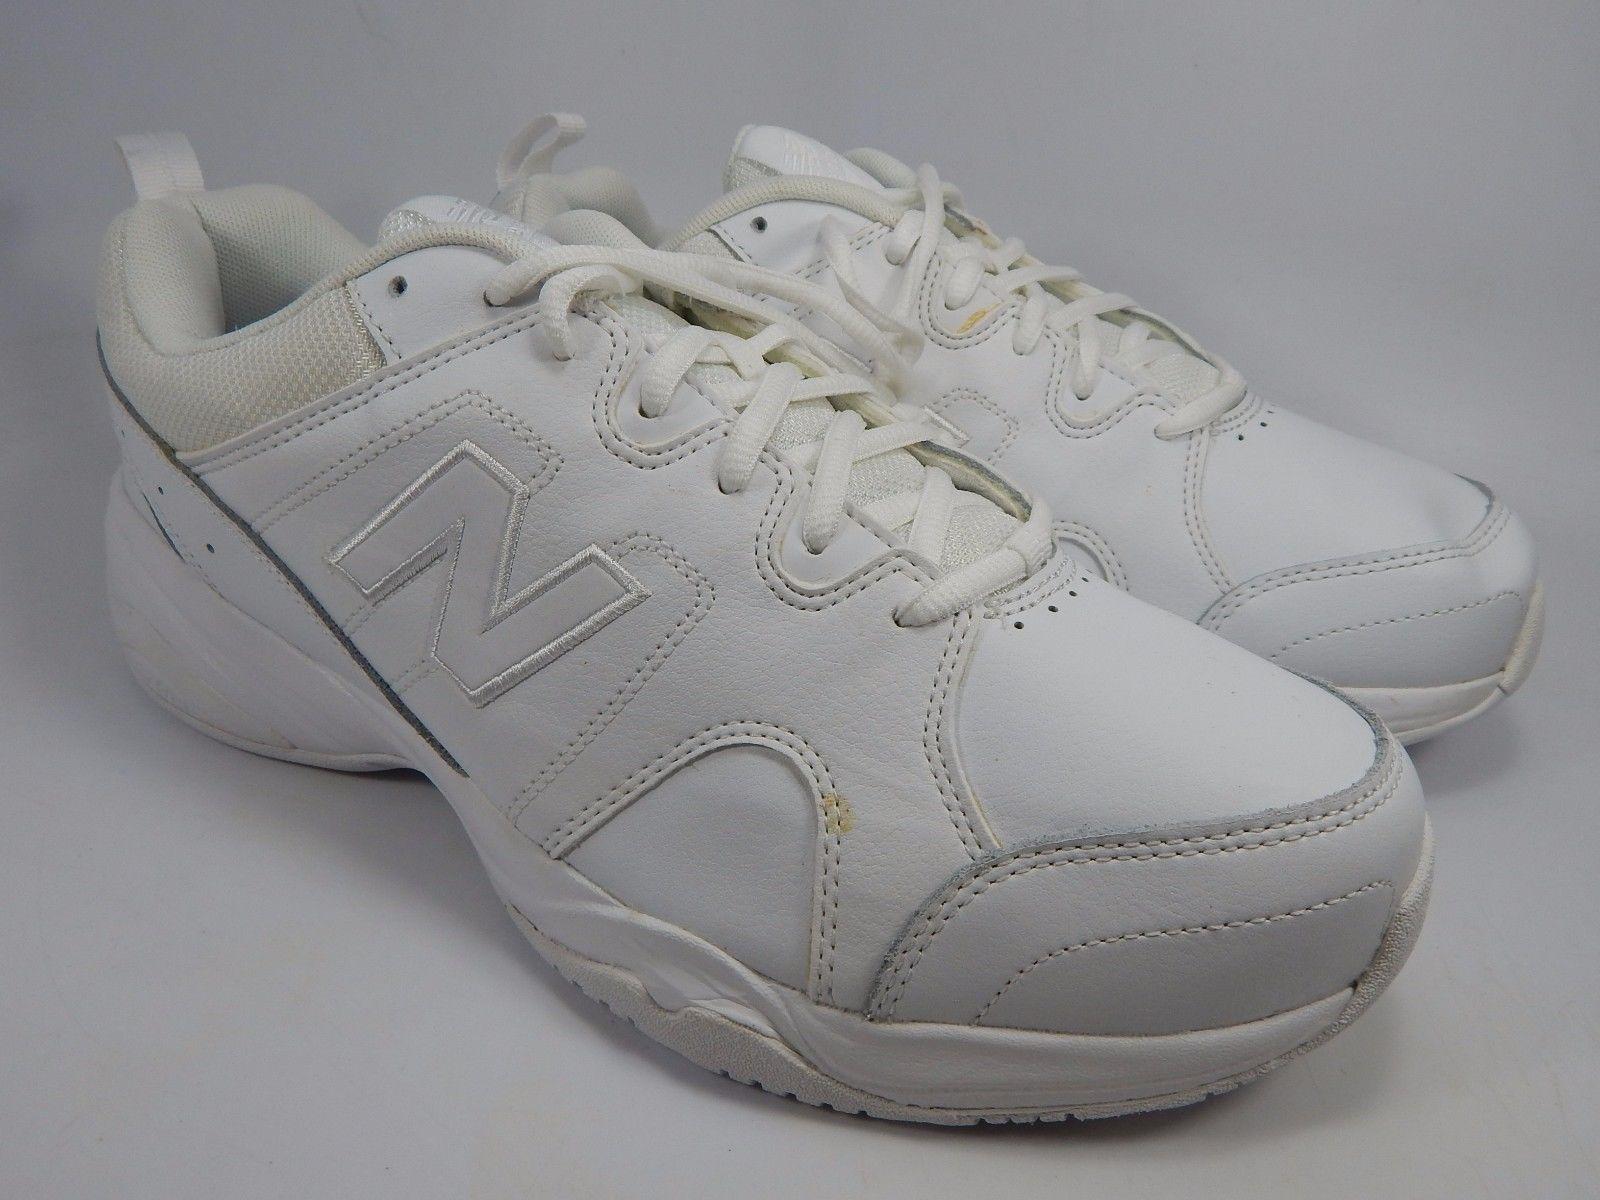 New Balance 609 v3 Mens Training Shoes Sz US 10.5 4E EXTRA WIDE EU 44.5 MX609AZ3